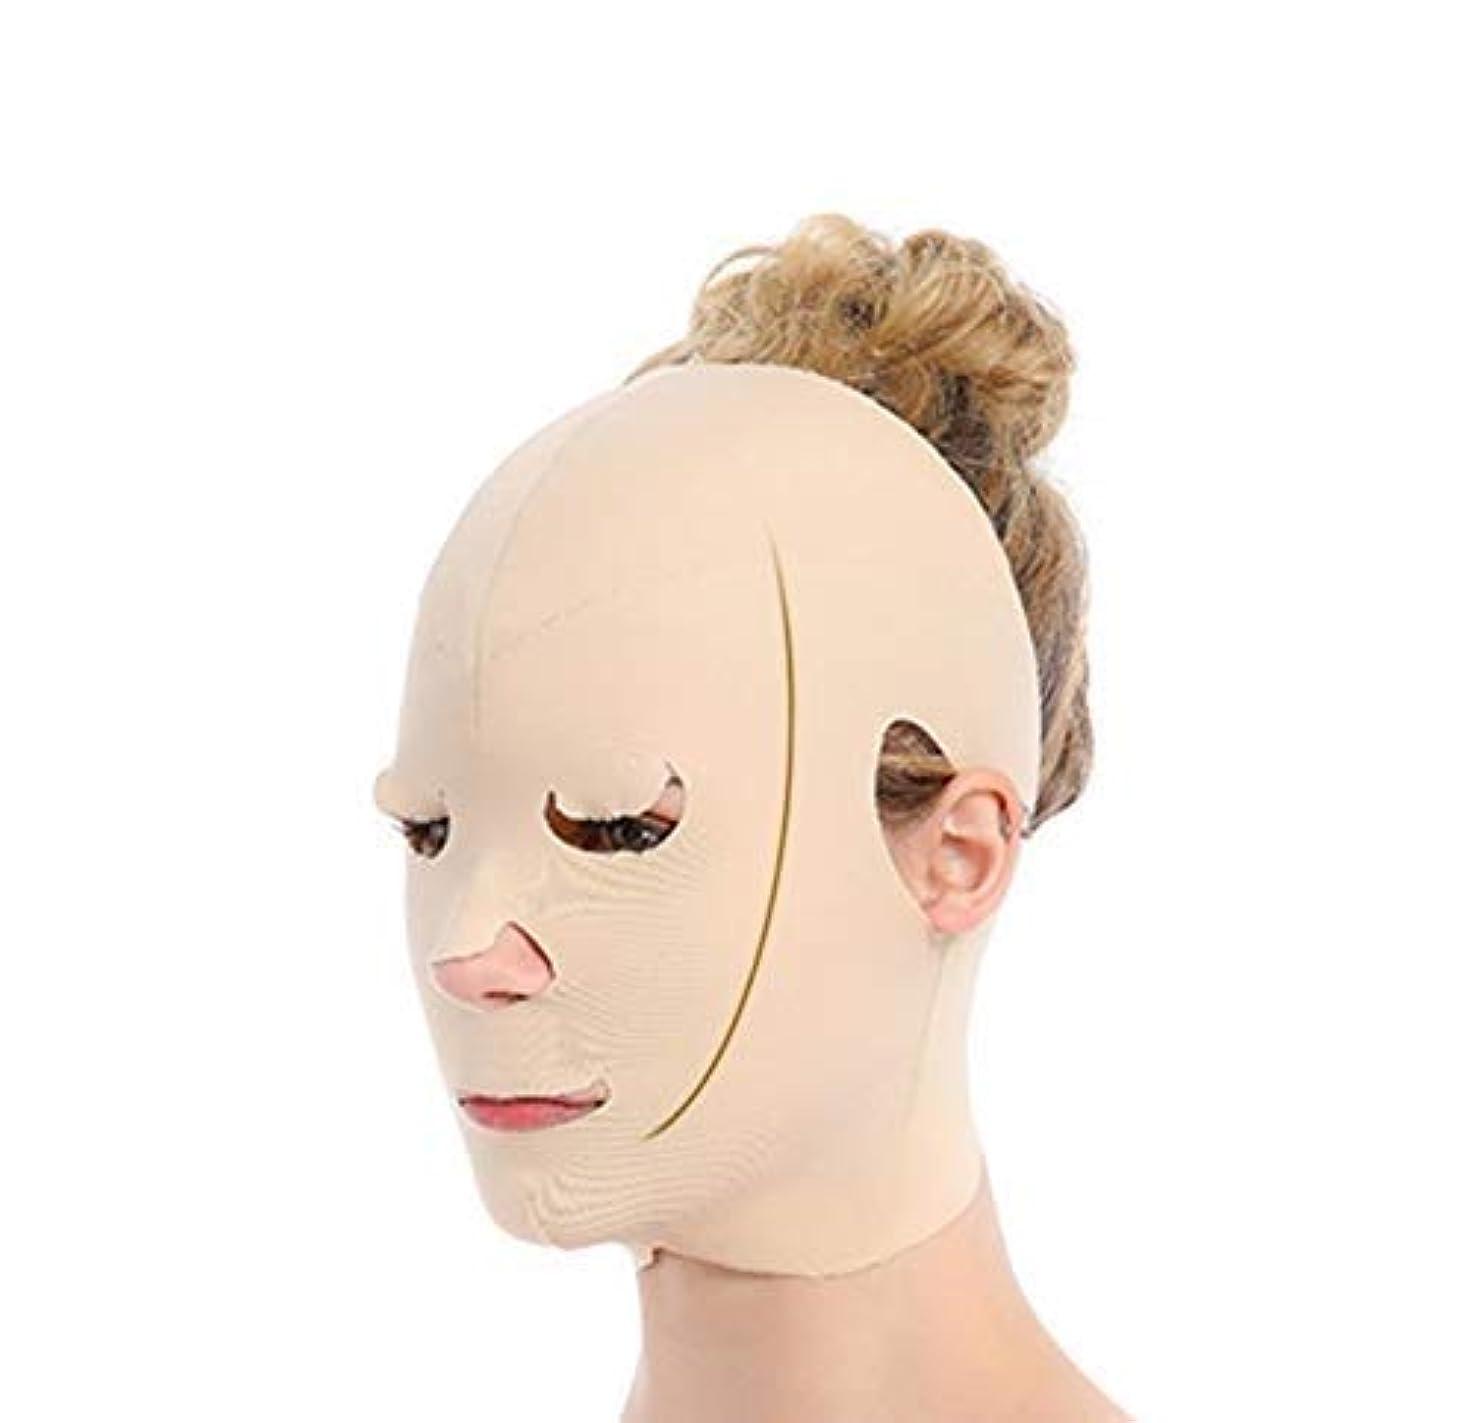 終点厳密に地質学小さな顔ツールV顔包帯薄い顔美容マスク怠Faceな睡眠マスク男性と女性V顔包帯整形リフティング引き締め顔薄い二重あご